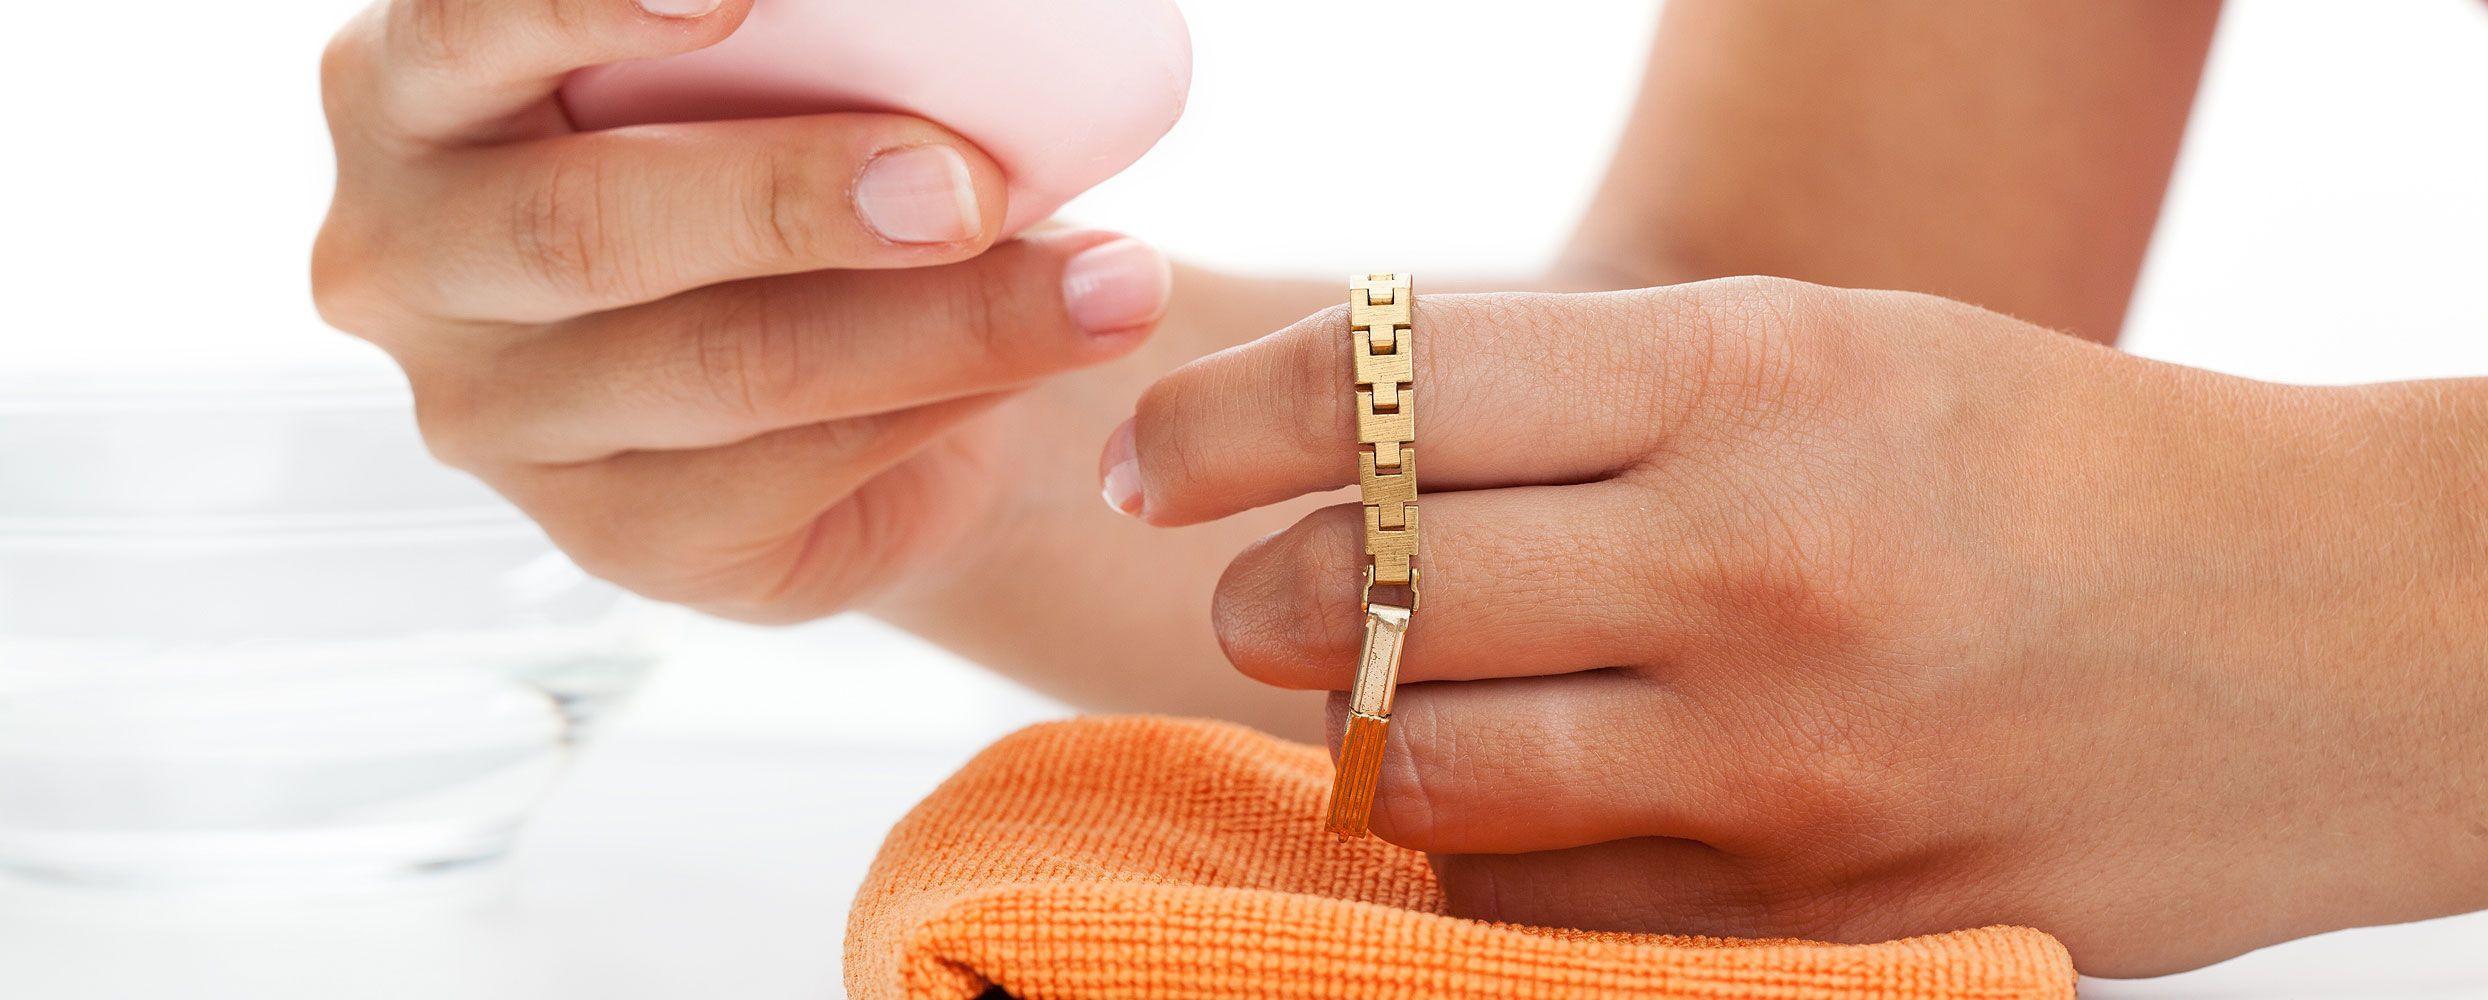 Чем почистить серебро и золото в домашних условиях быстро и эффективно